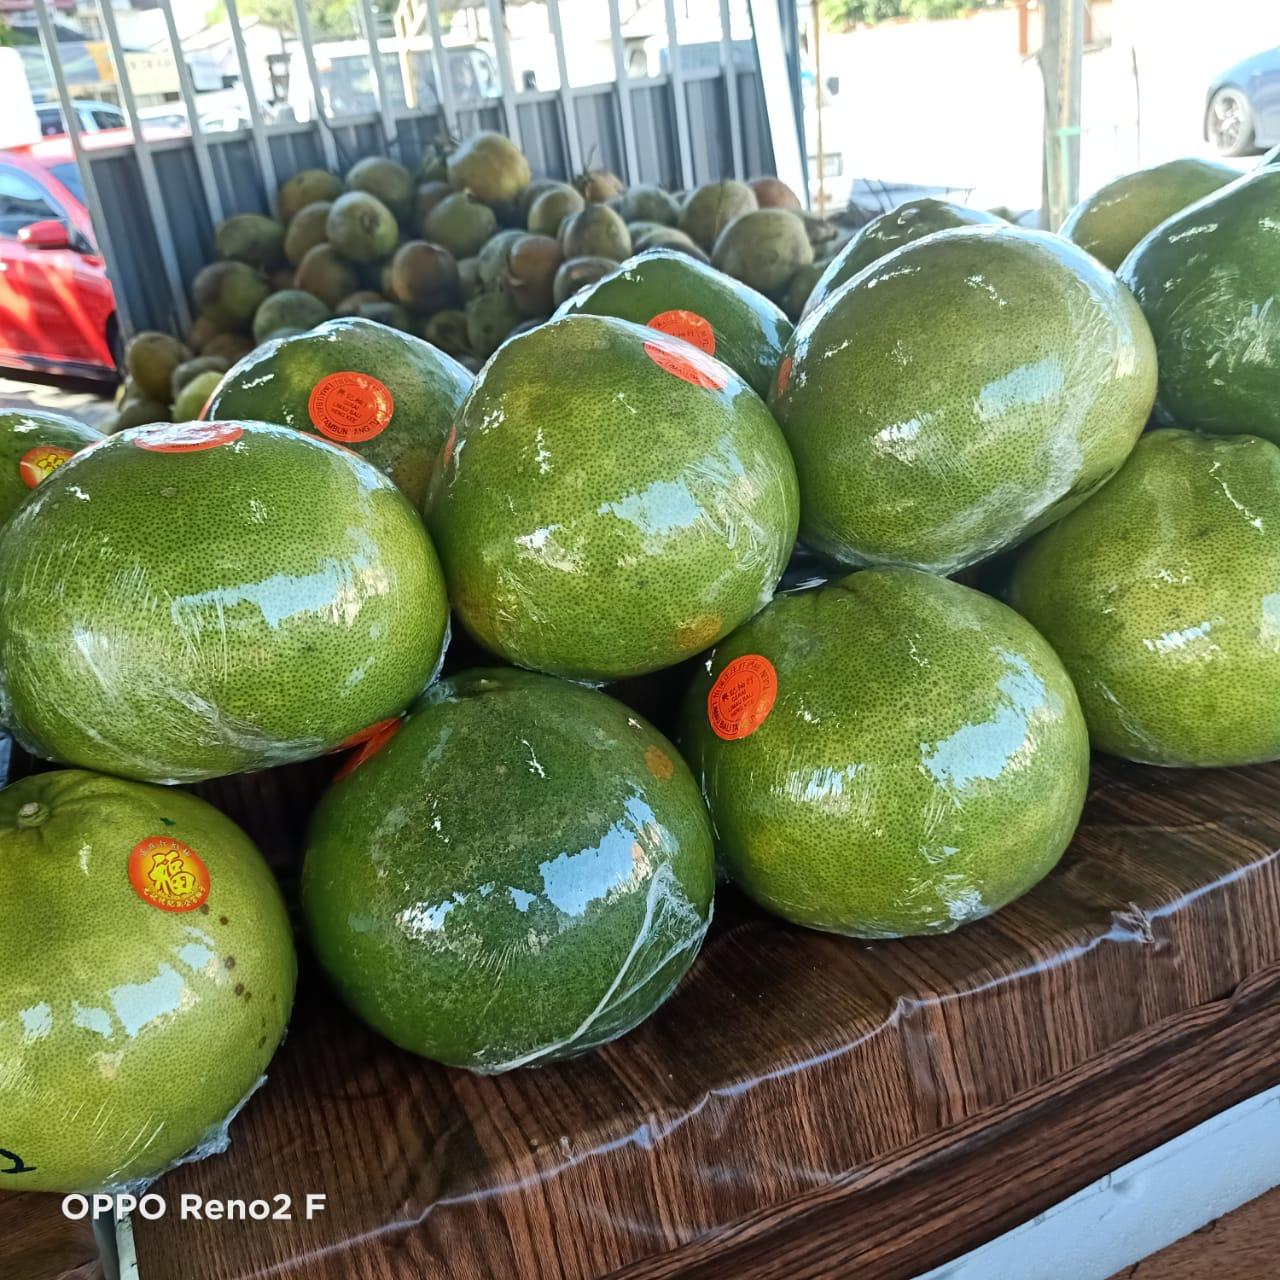 东:中秋节将至,柚子未掀购买热。